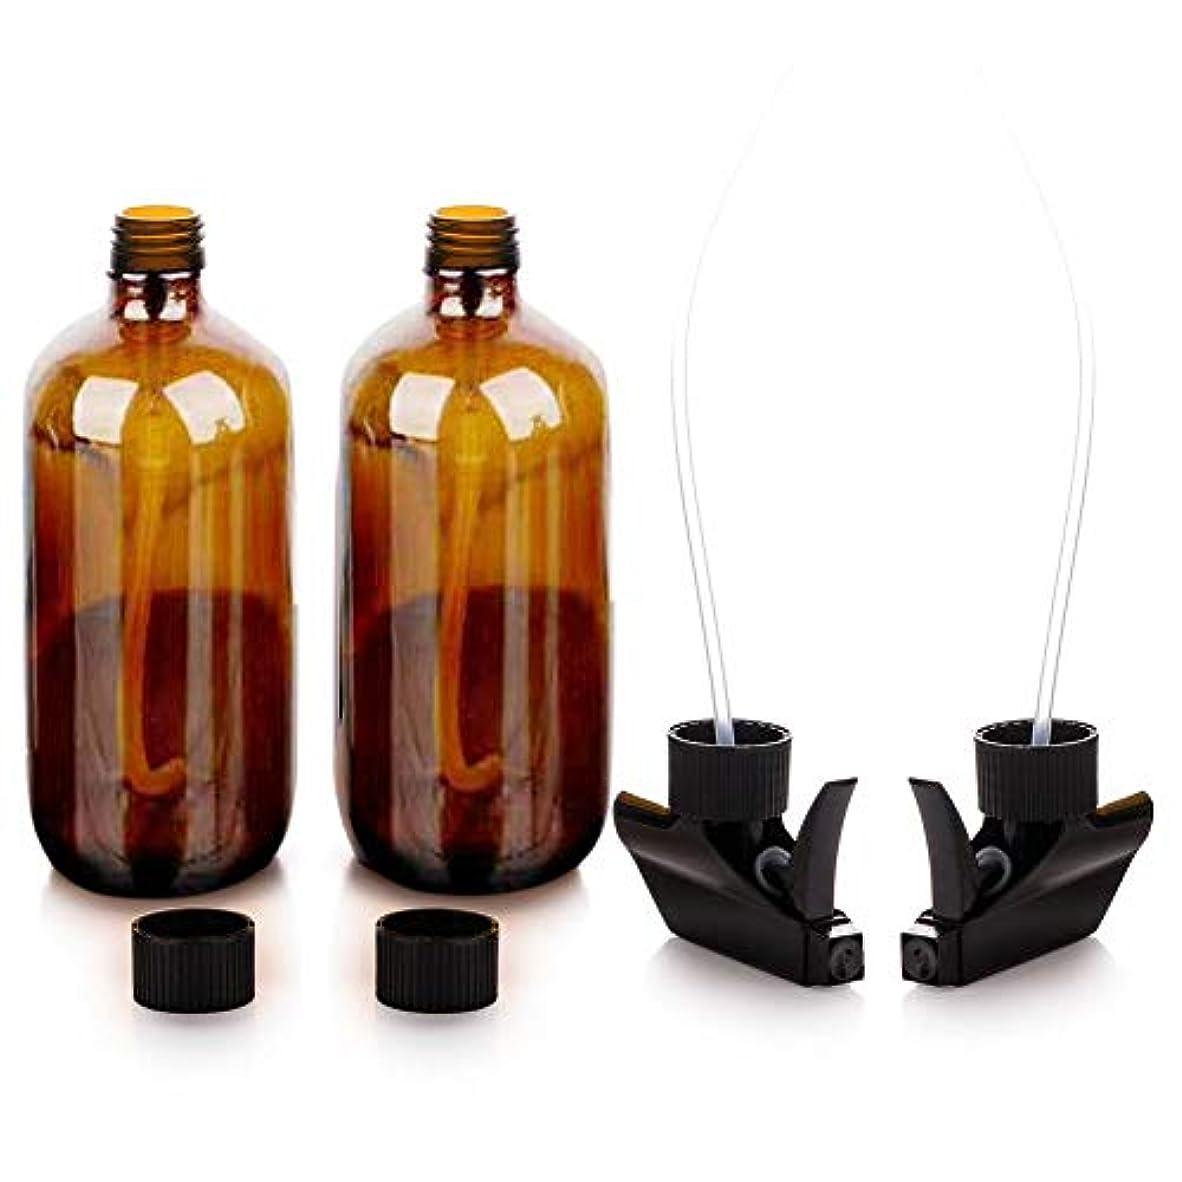 十分アルプスセンサースプレーボトル 遮光瓶 ガラス 微細 ミスト噴霧器 サロン理髪スプレー 植栽ツール 2ボトルキャップ付き 茶色